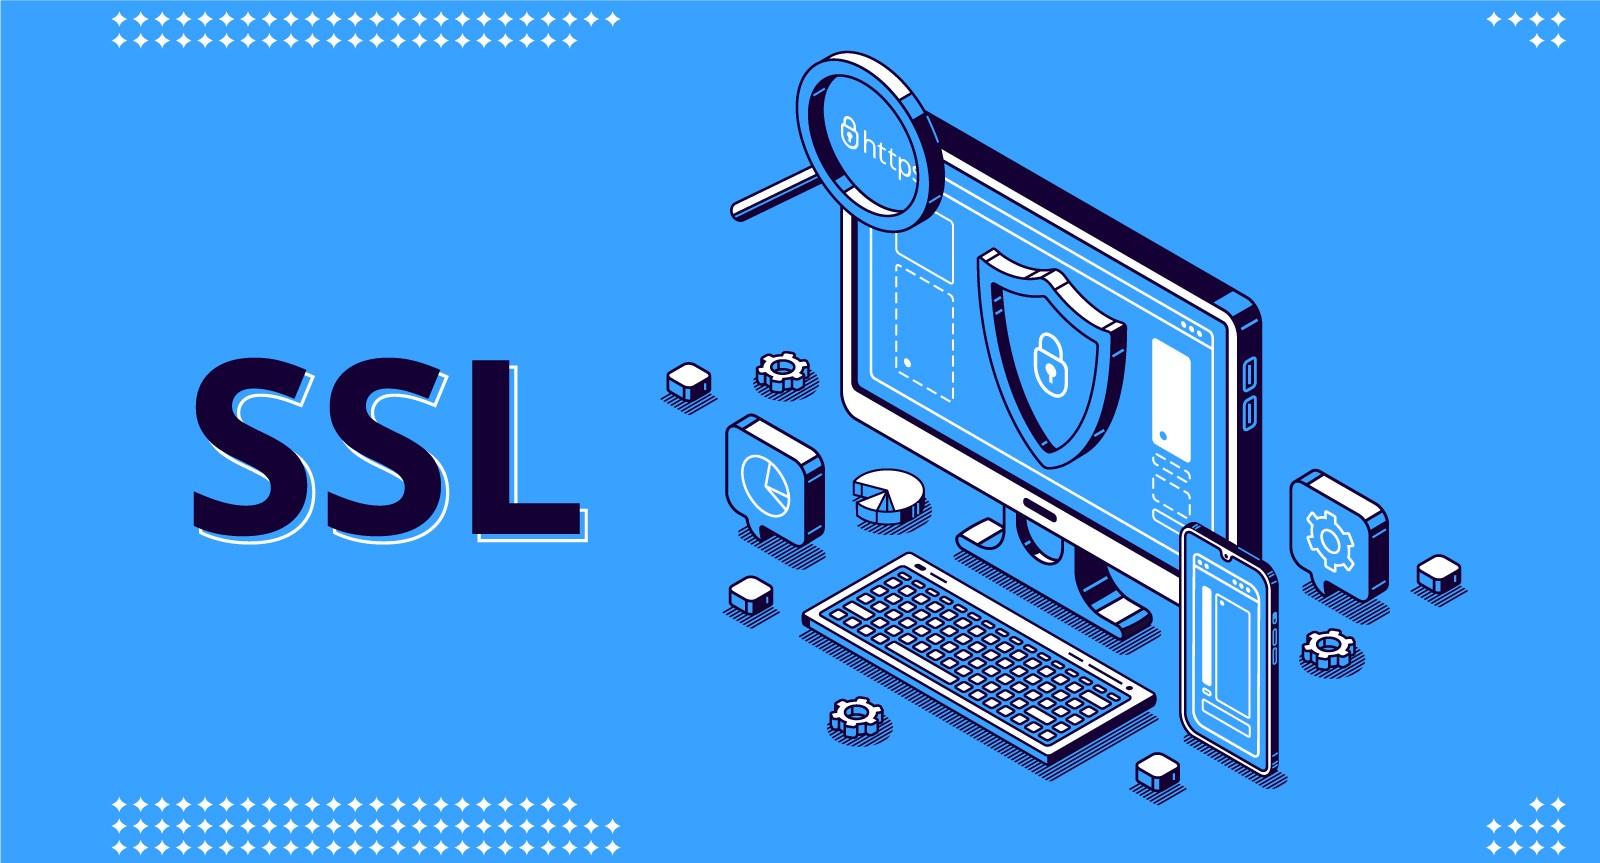 ขั้นตอนการสร้าง SSL ใช้งานฟรี